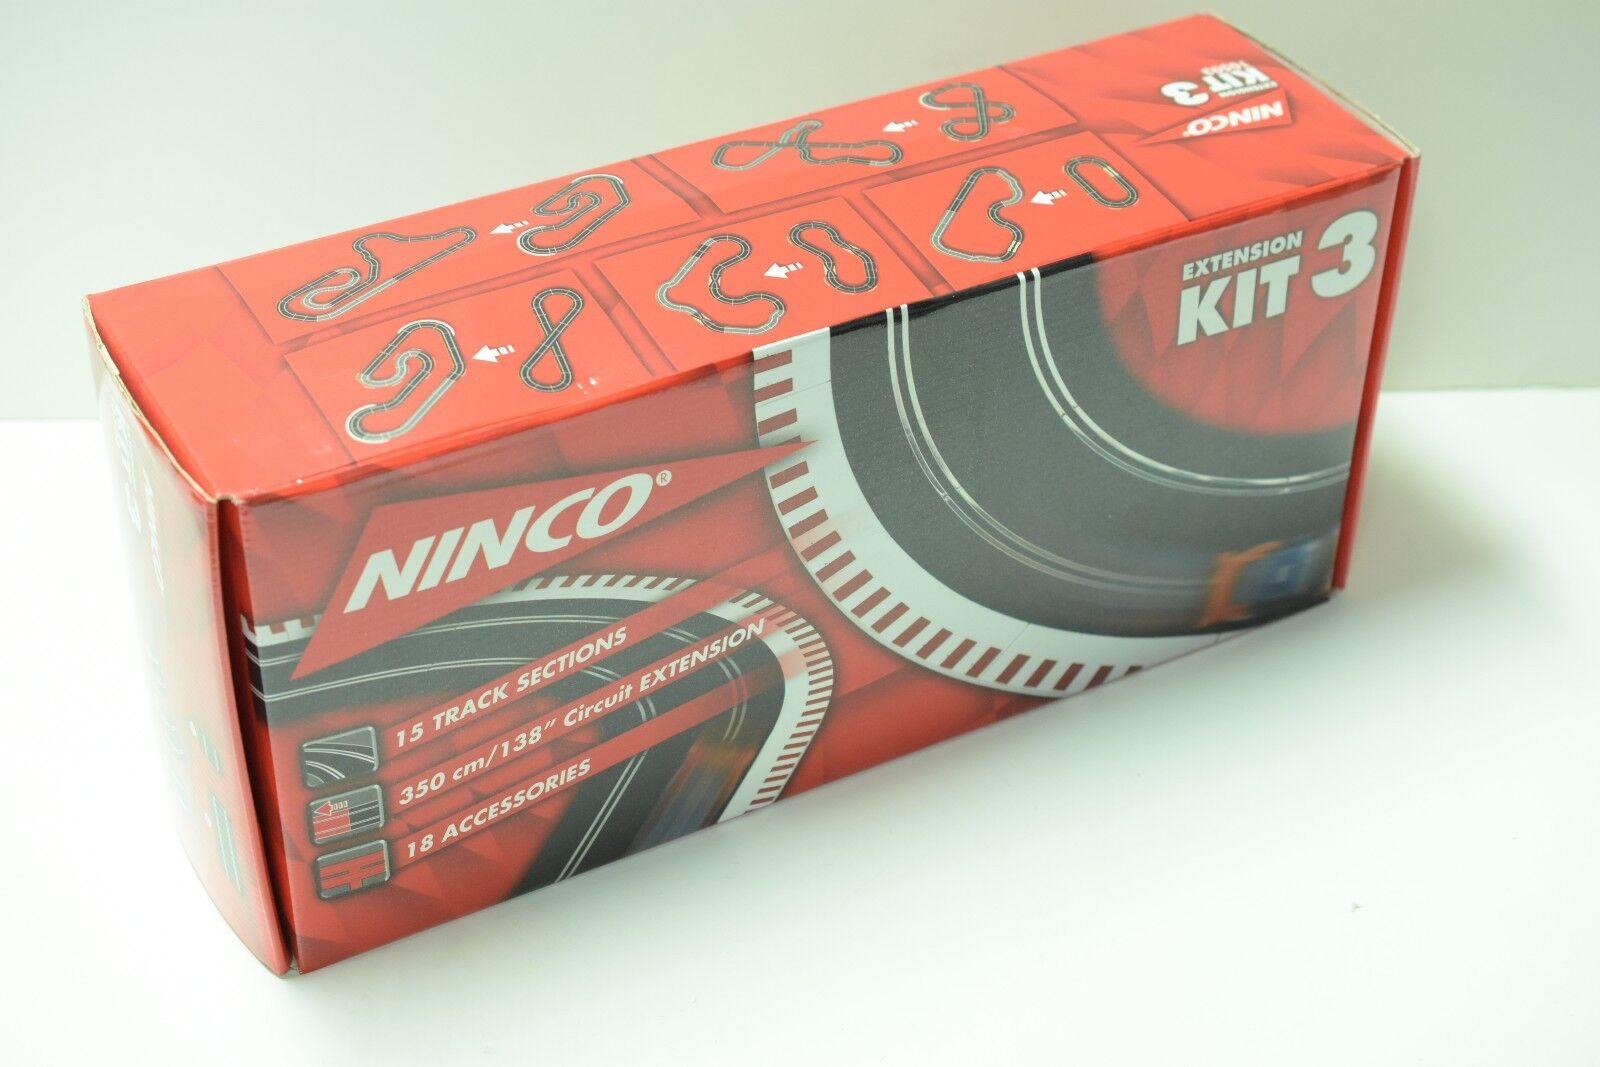 NINCO 1 32 10503 EXTENSION KIT 3 NO DAMAGE NEW KITS GREAT AD-ONS